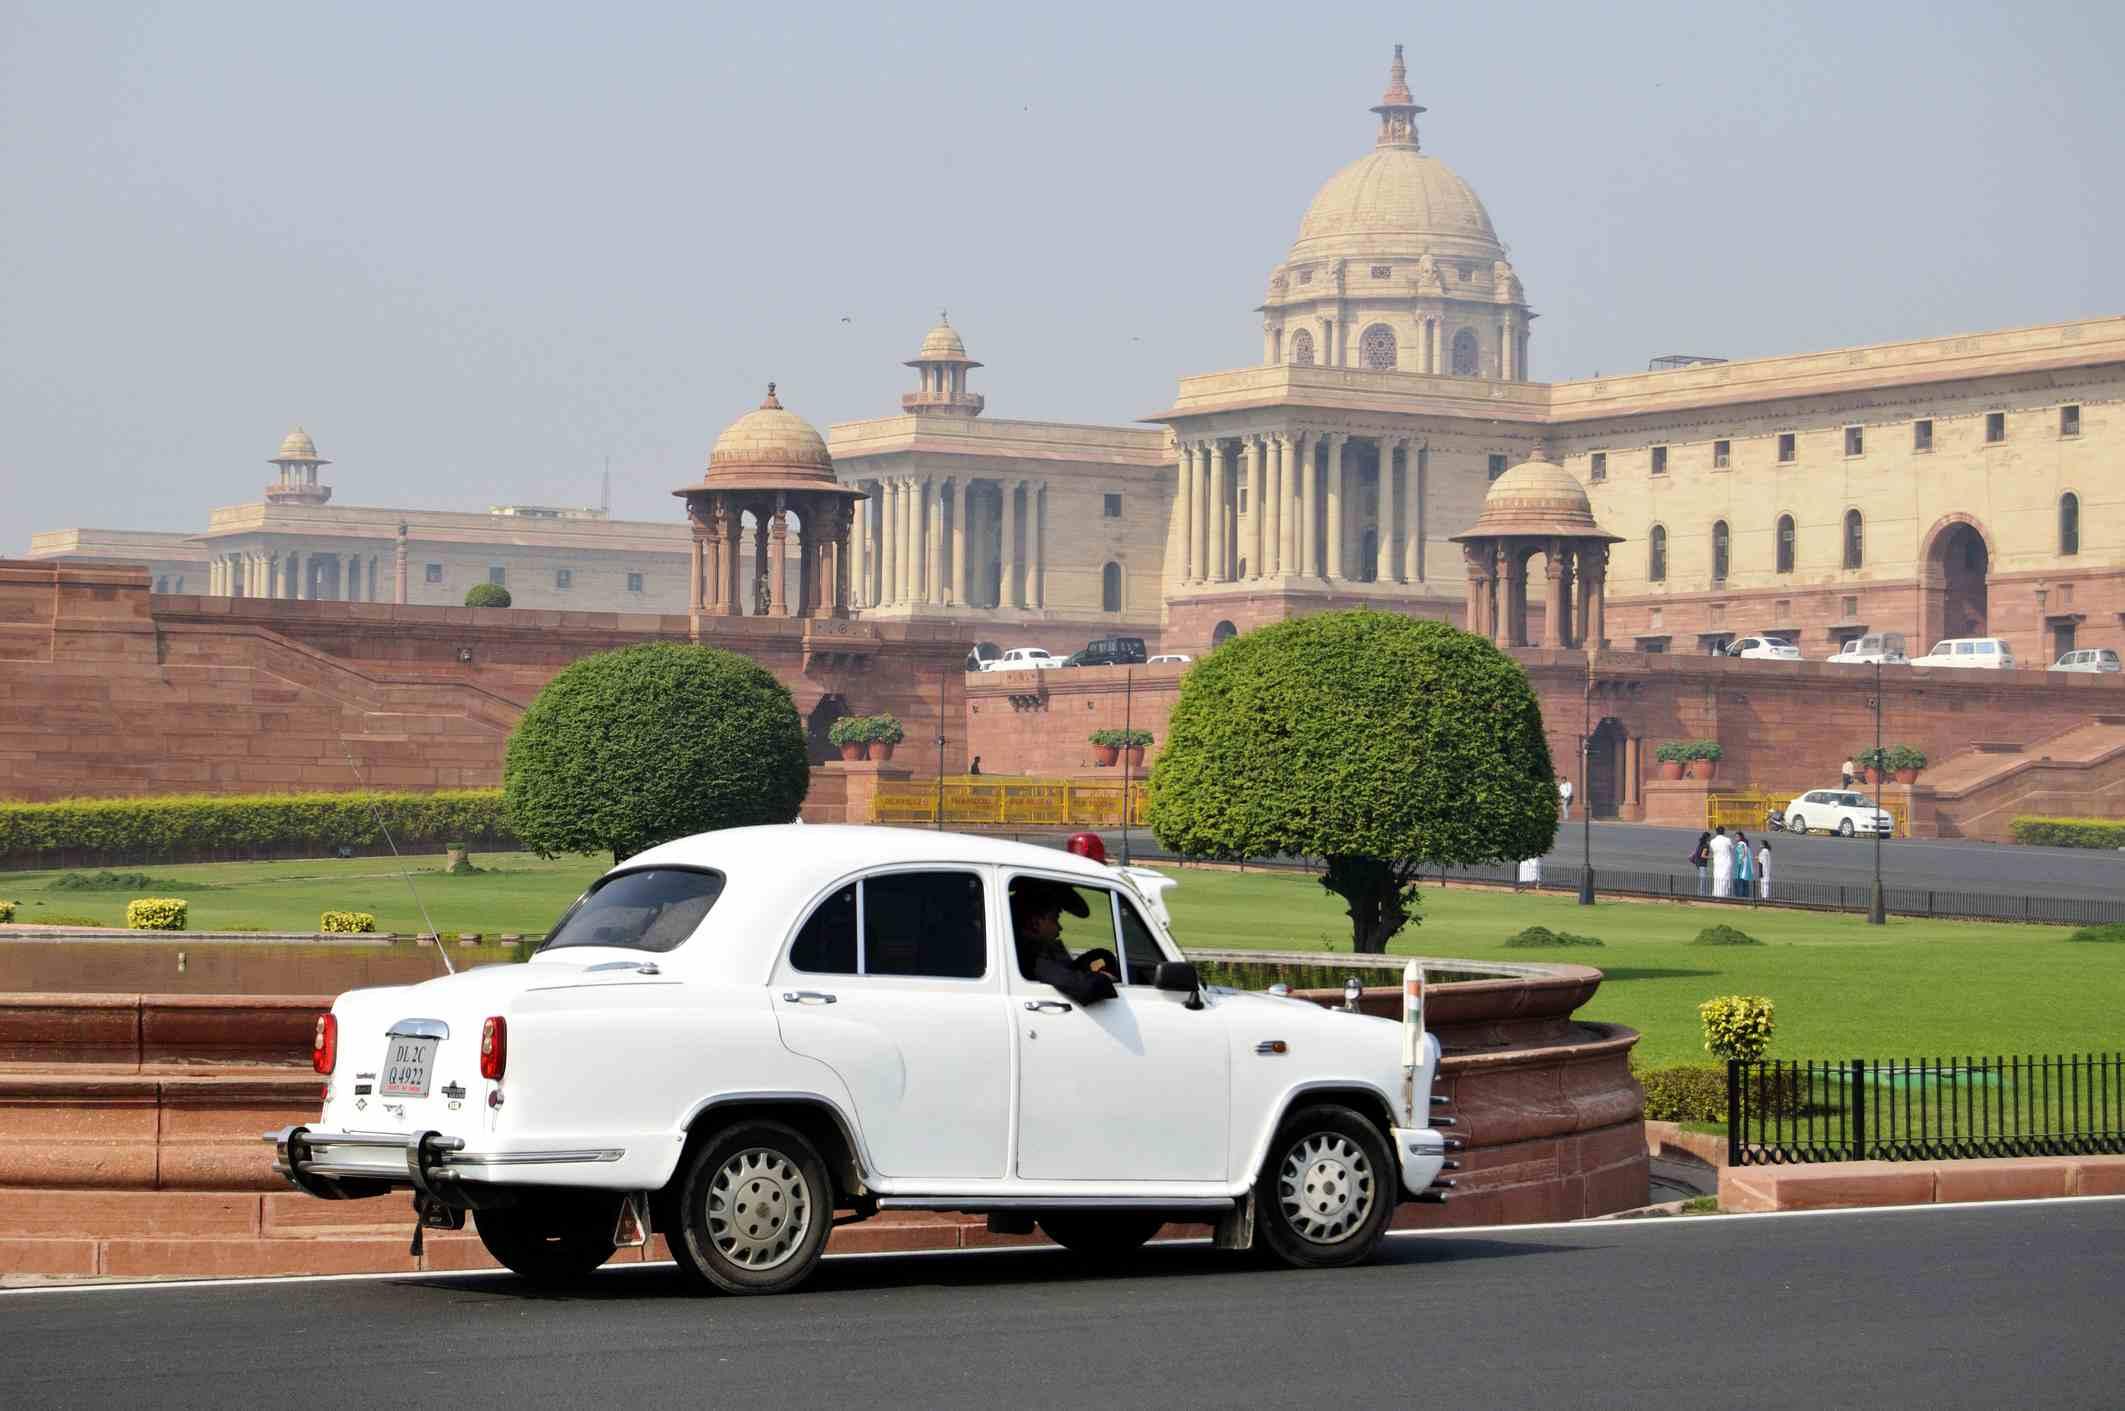 Parliament house at delhi, India